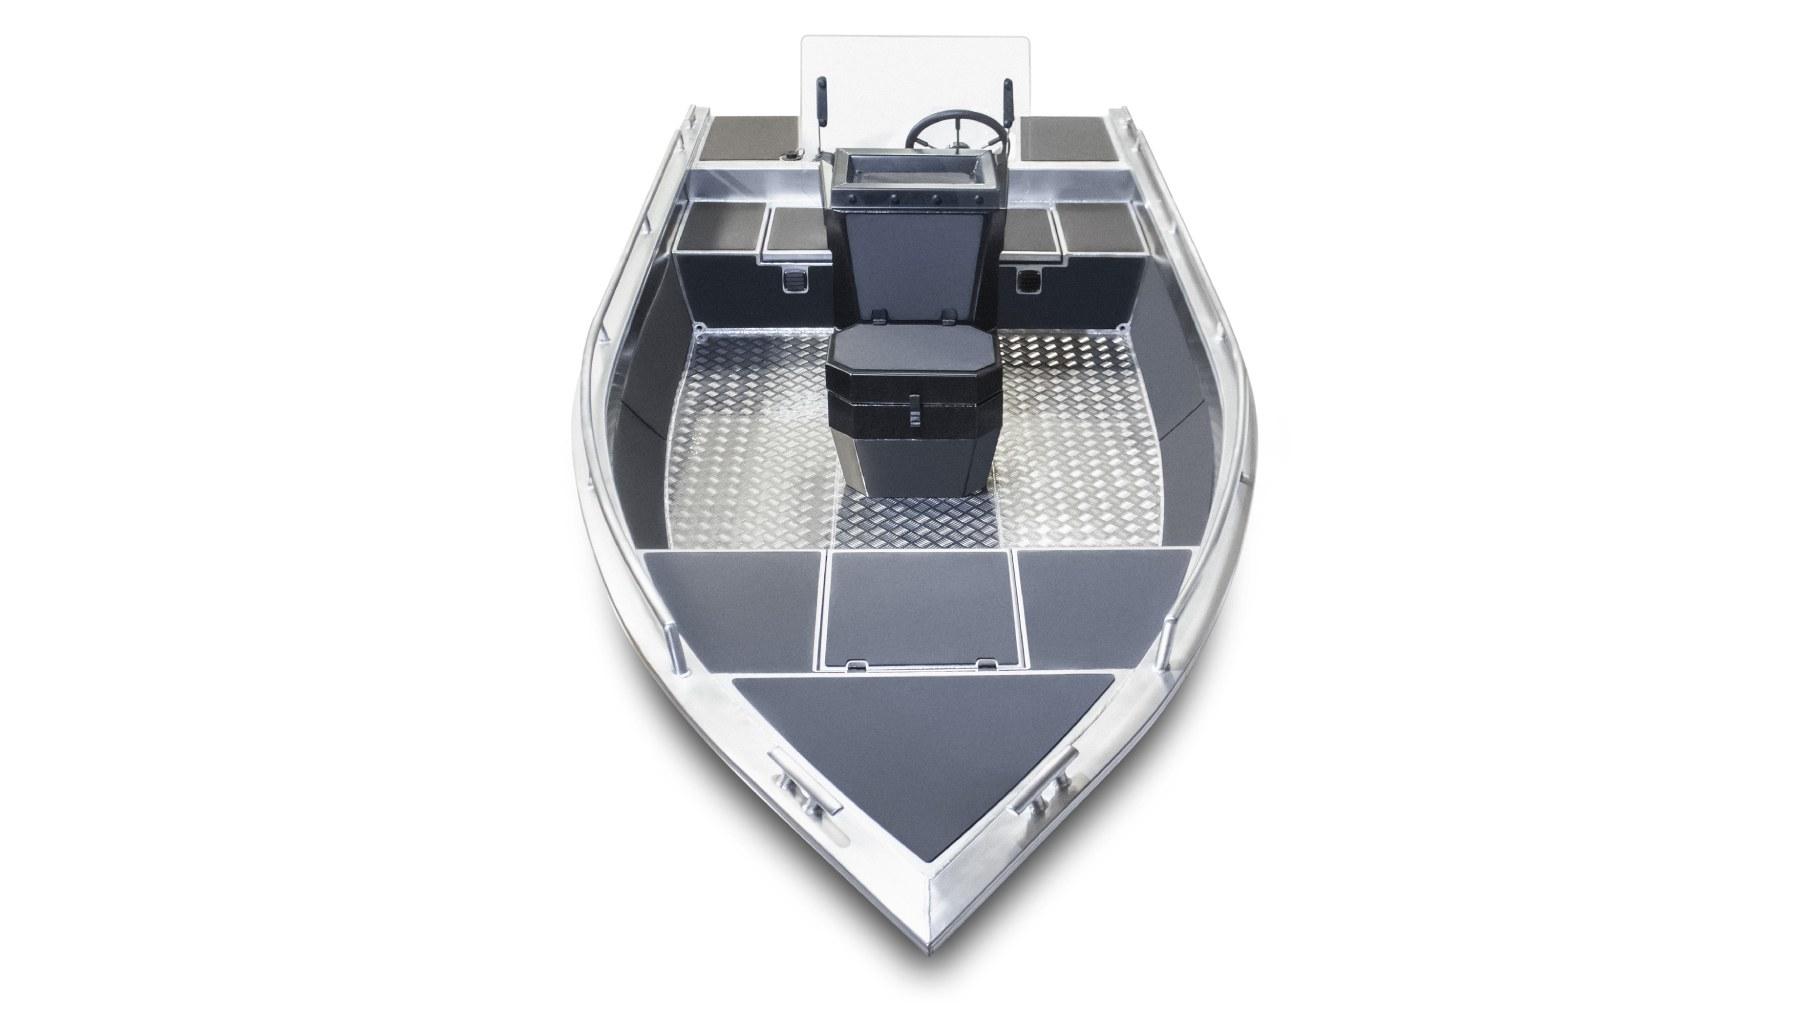 алюминиевая лодка victory A450